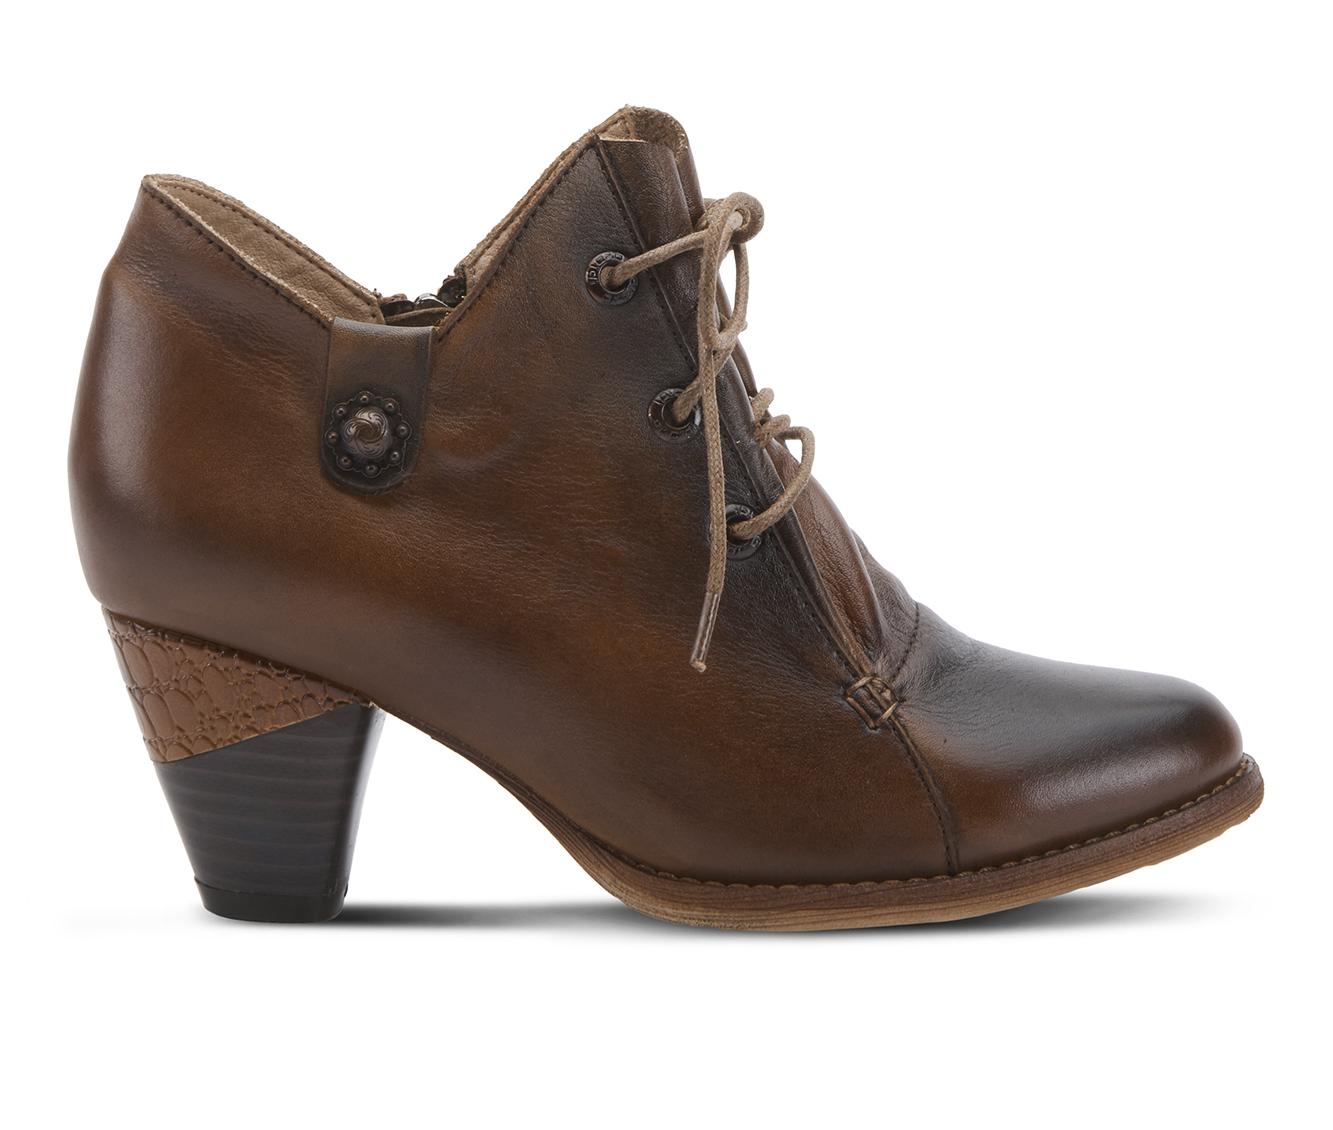 L'Artiste Juliane Women's Dress Shoe (Brown Leather)